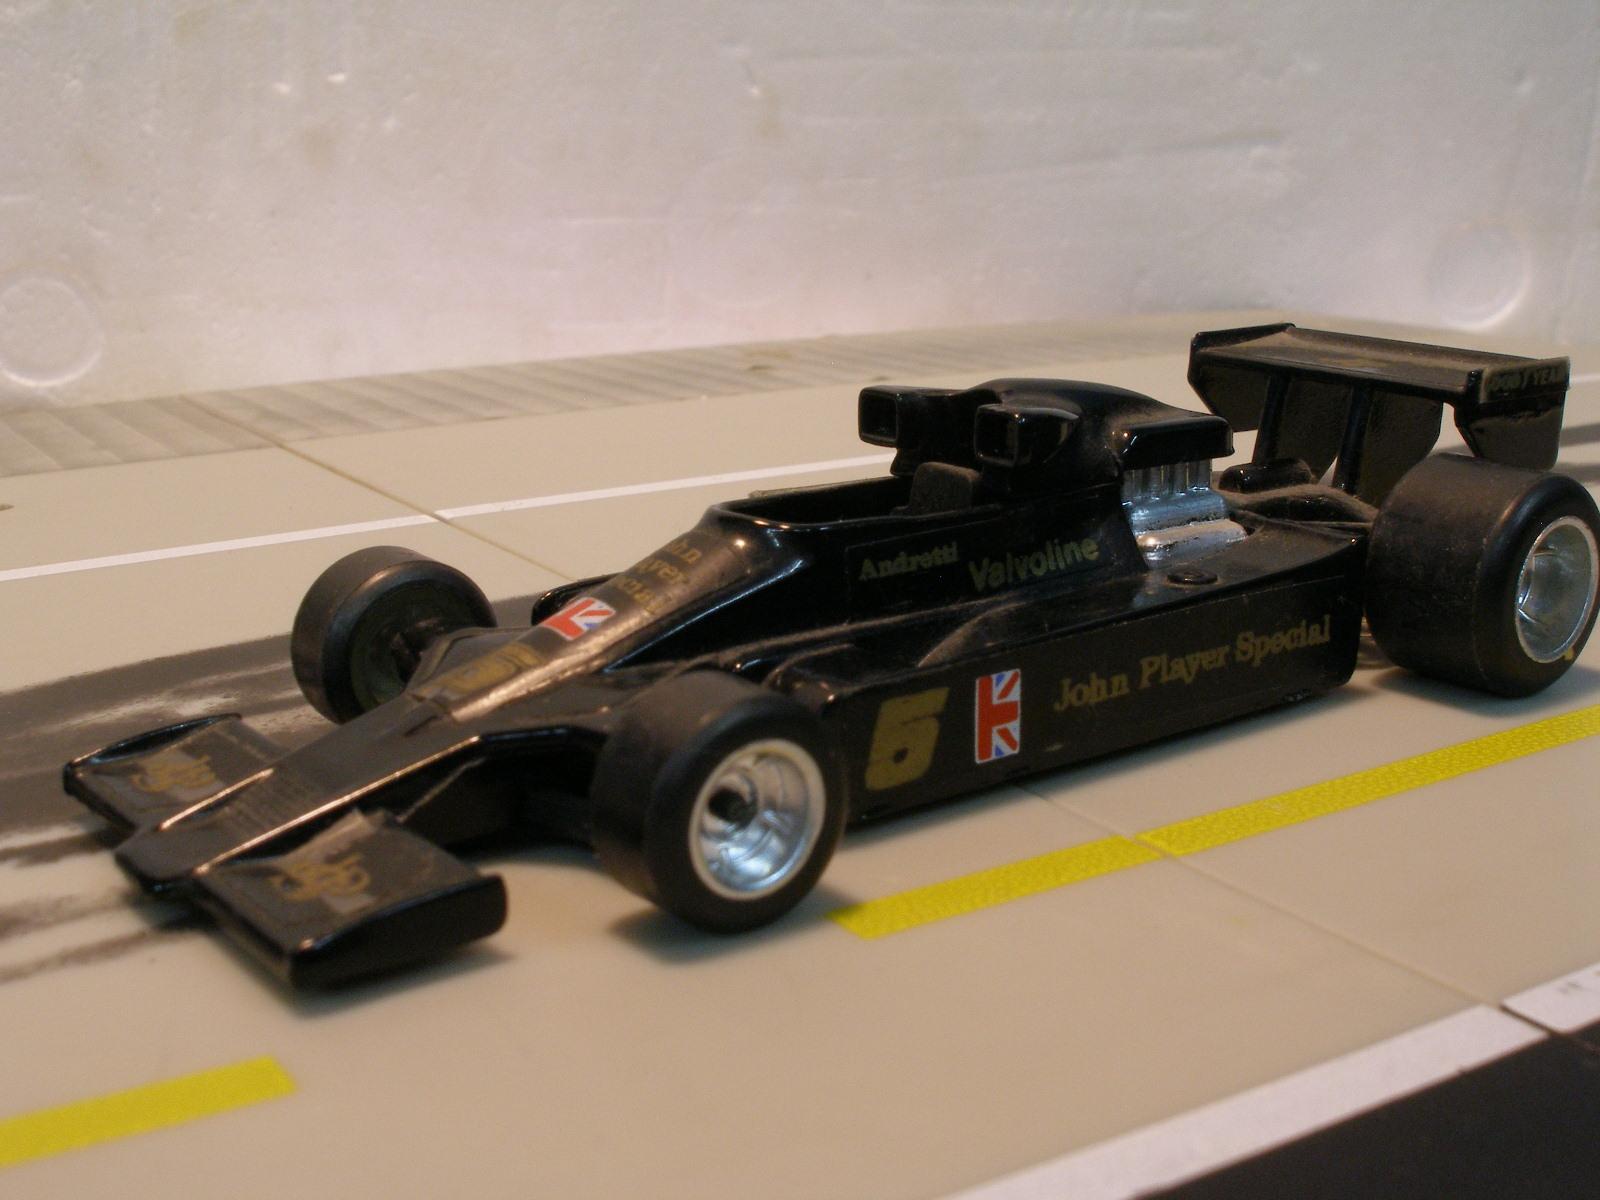 CE104, Lotus F1 JPS N°5 1978 Andretti (cc-by-nc-sa 2.0 Stefho74)